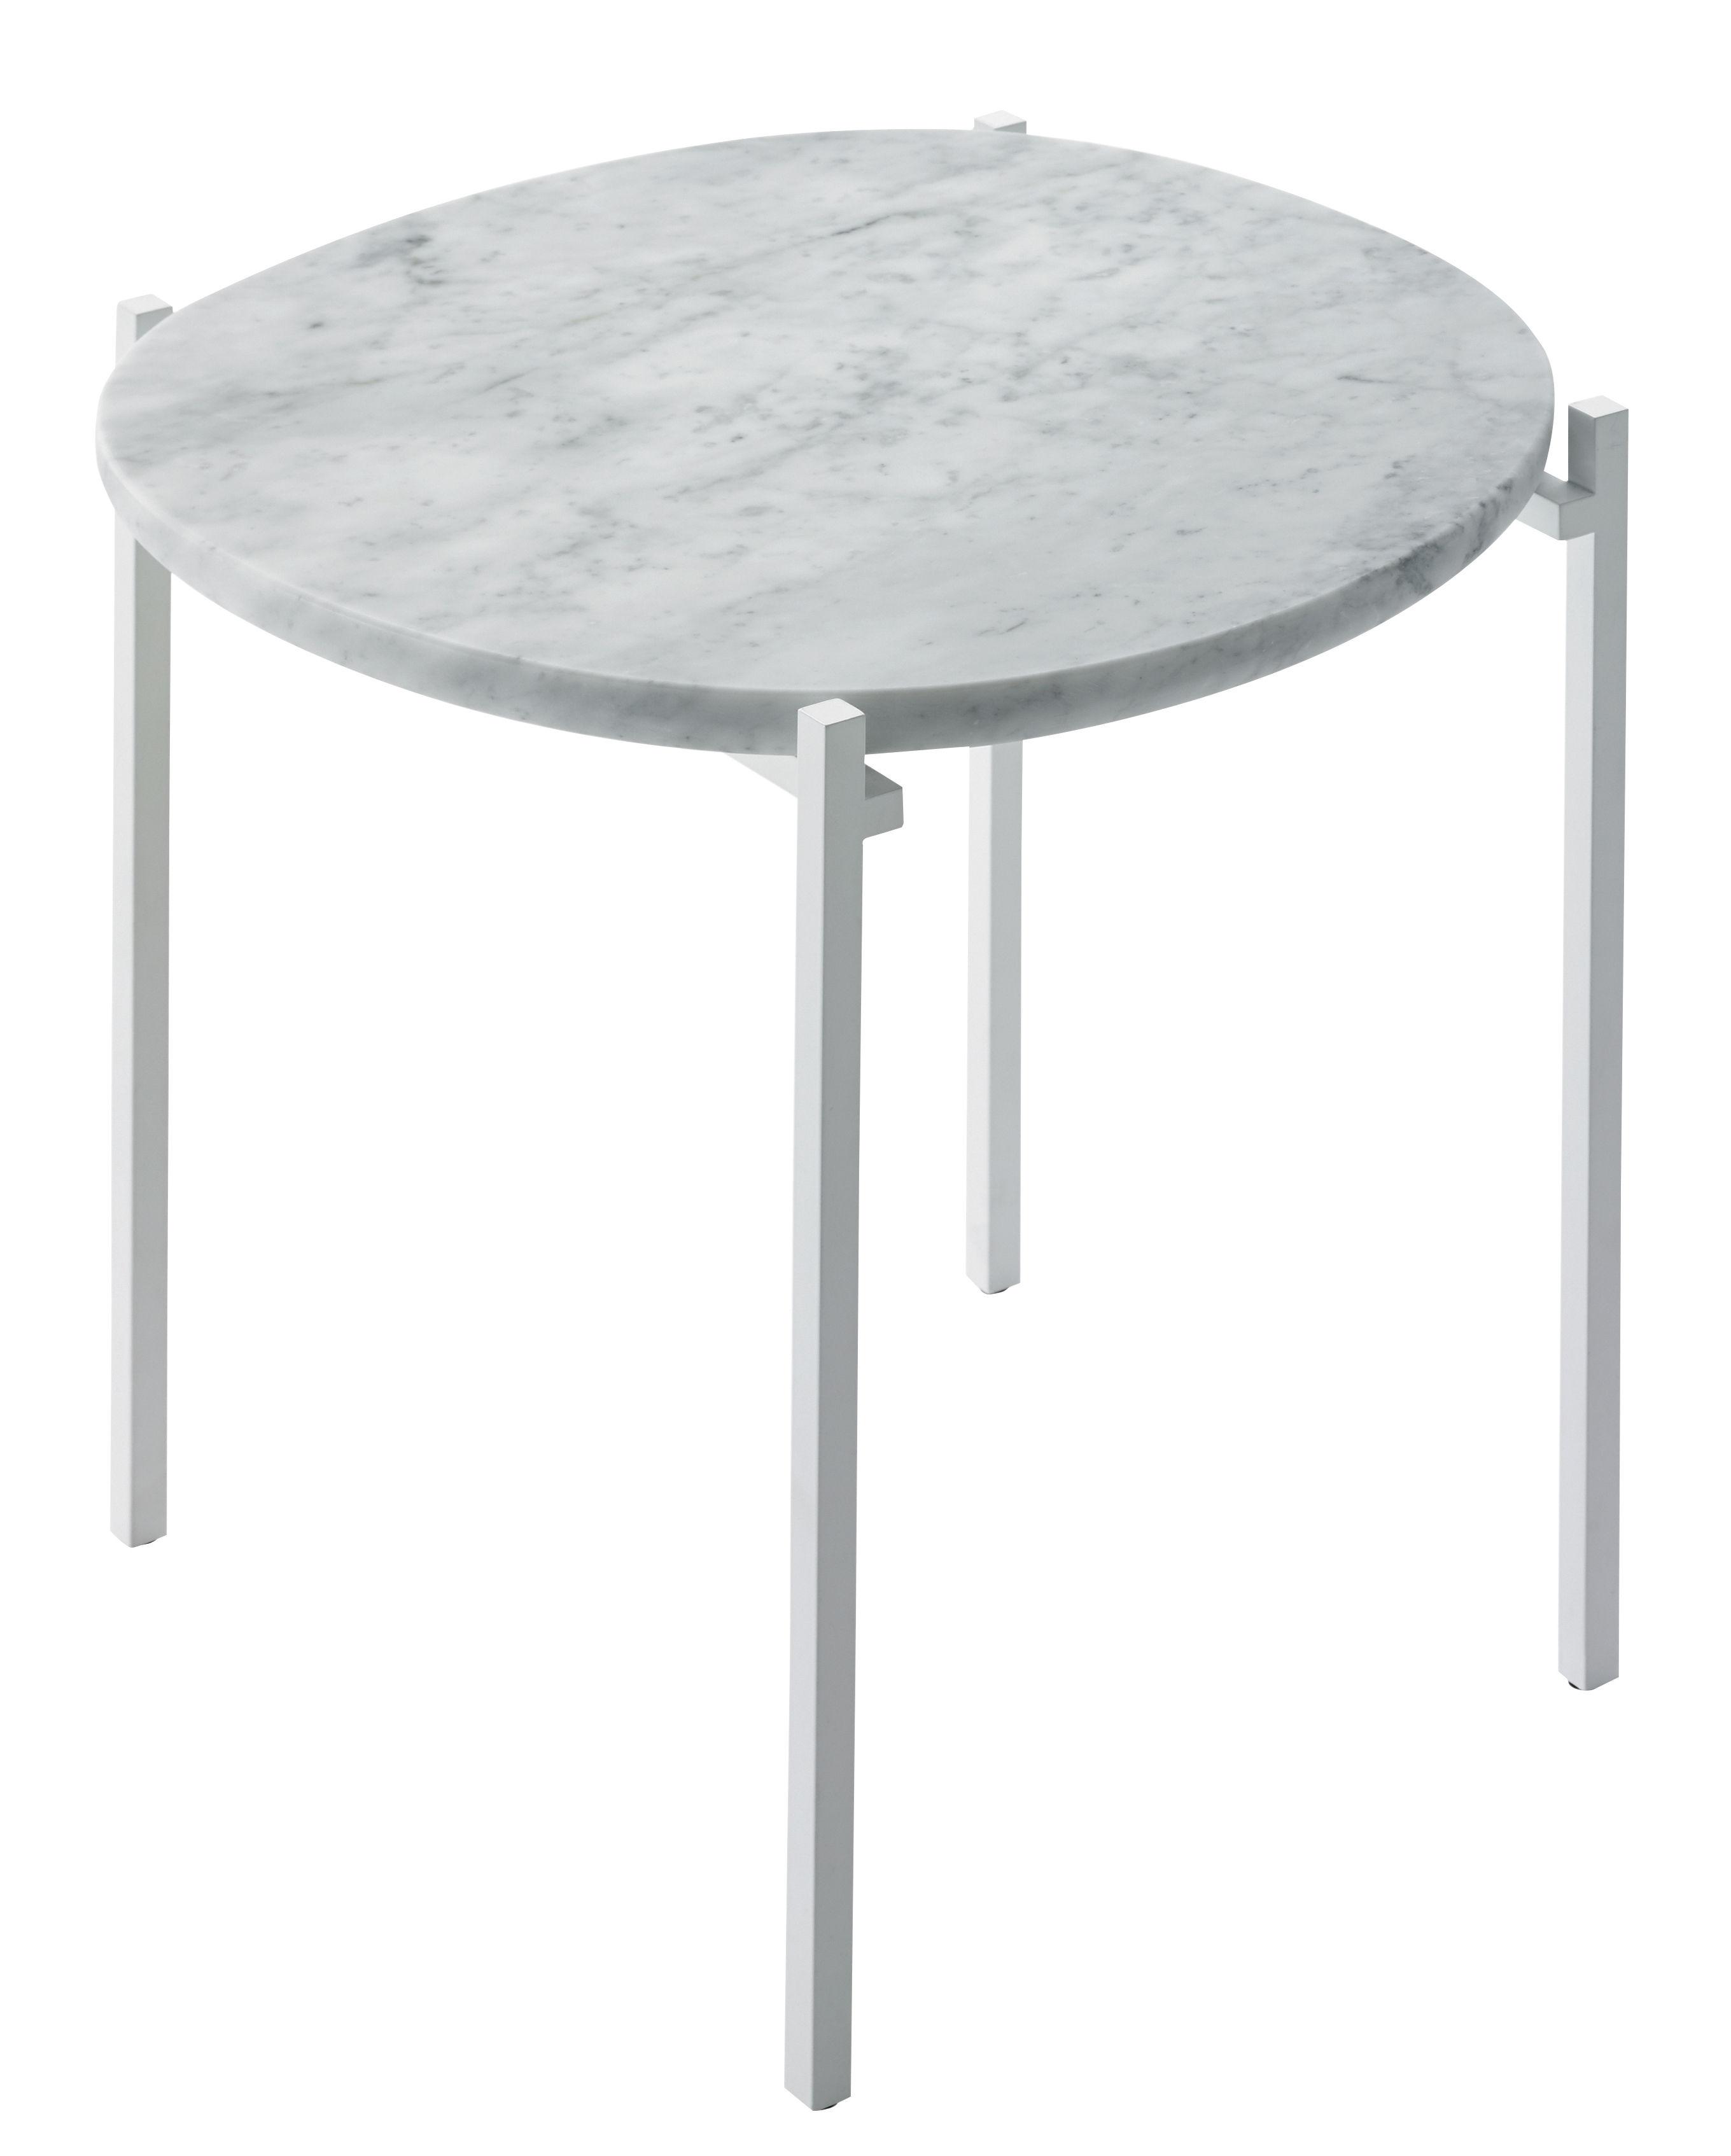 Niobe beistelltisch marmor 48 x 46 cm wei er marmor for Marmor beistelltisch